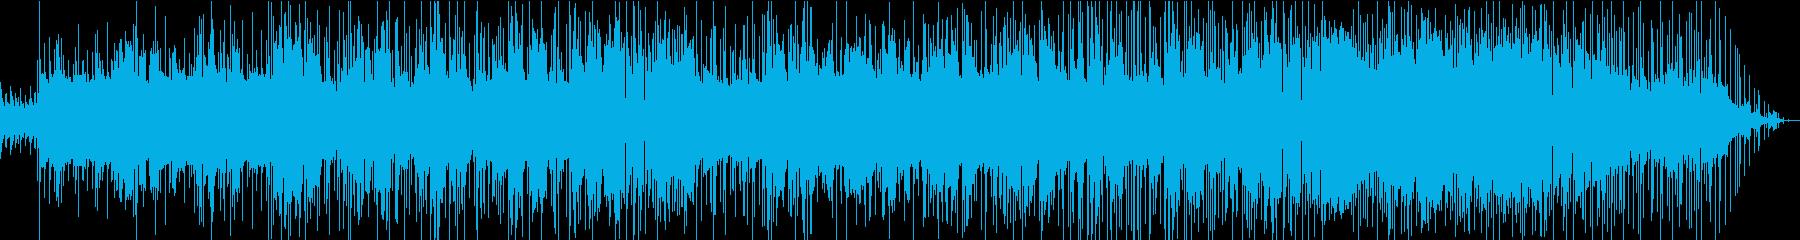 英詞オトナのレイドバック的ポップロックの再生済みの波形